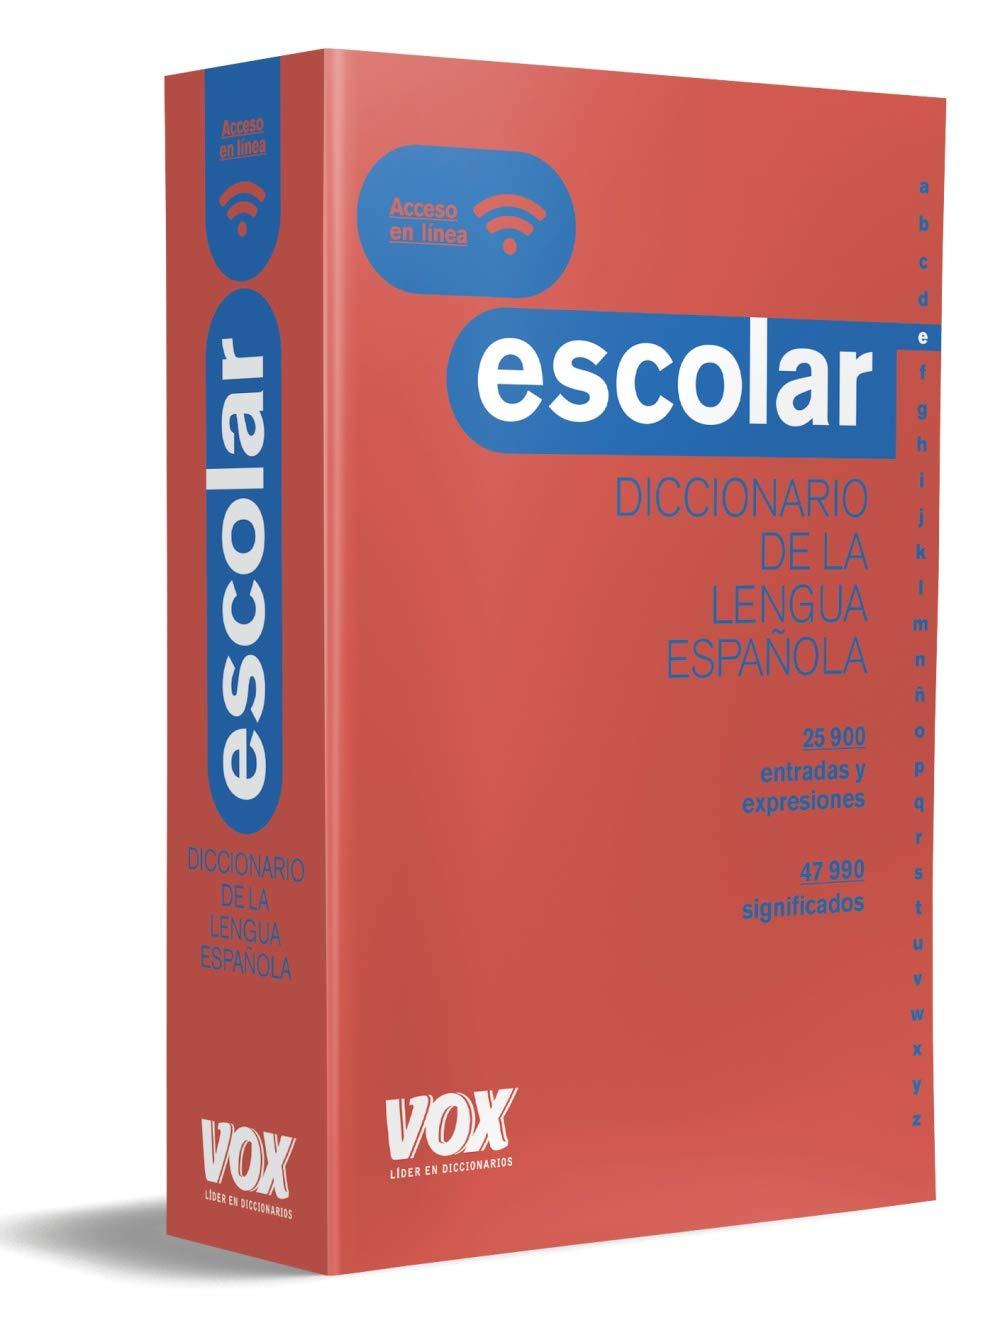 Diccionario Escolar de la Lengua Española Vox - Lengua Española - Diccionarios Escolares: Amazon.es: Vox Editorial, Seguí Nicolau, Bertomeu: Libros